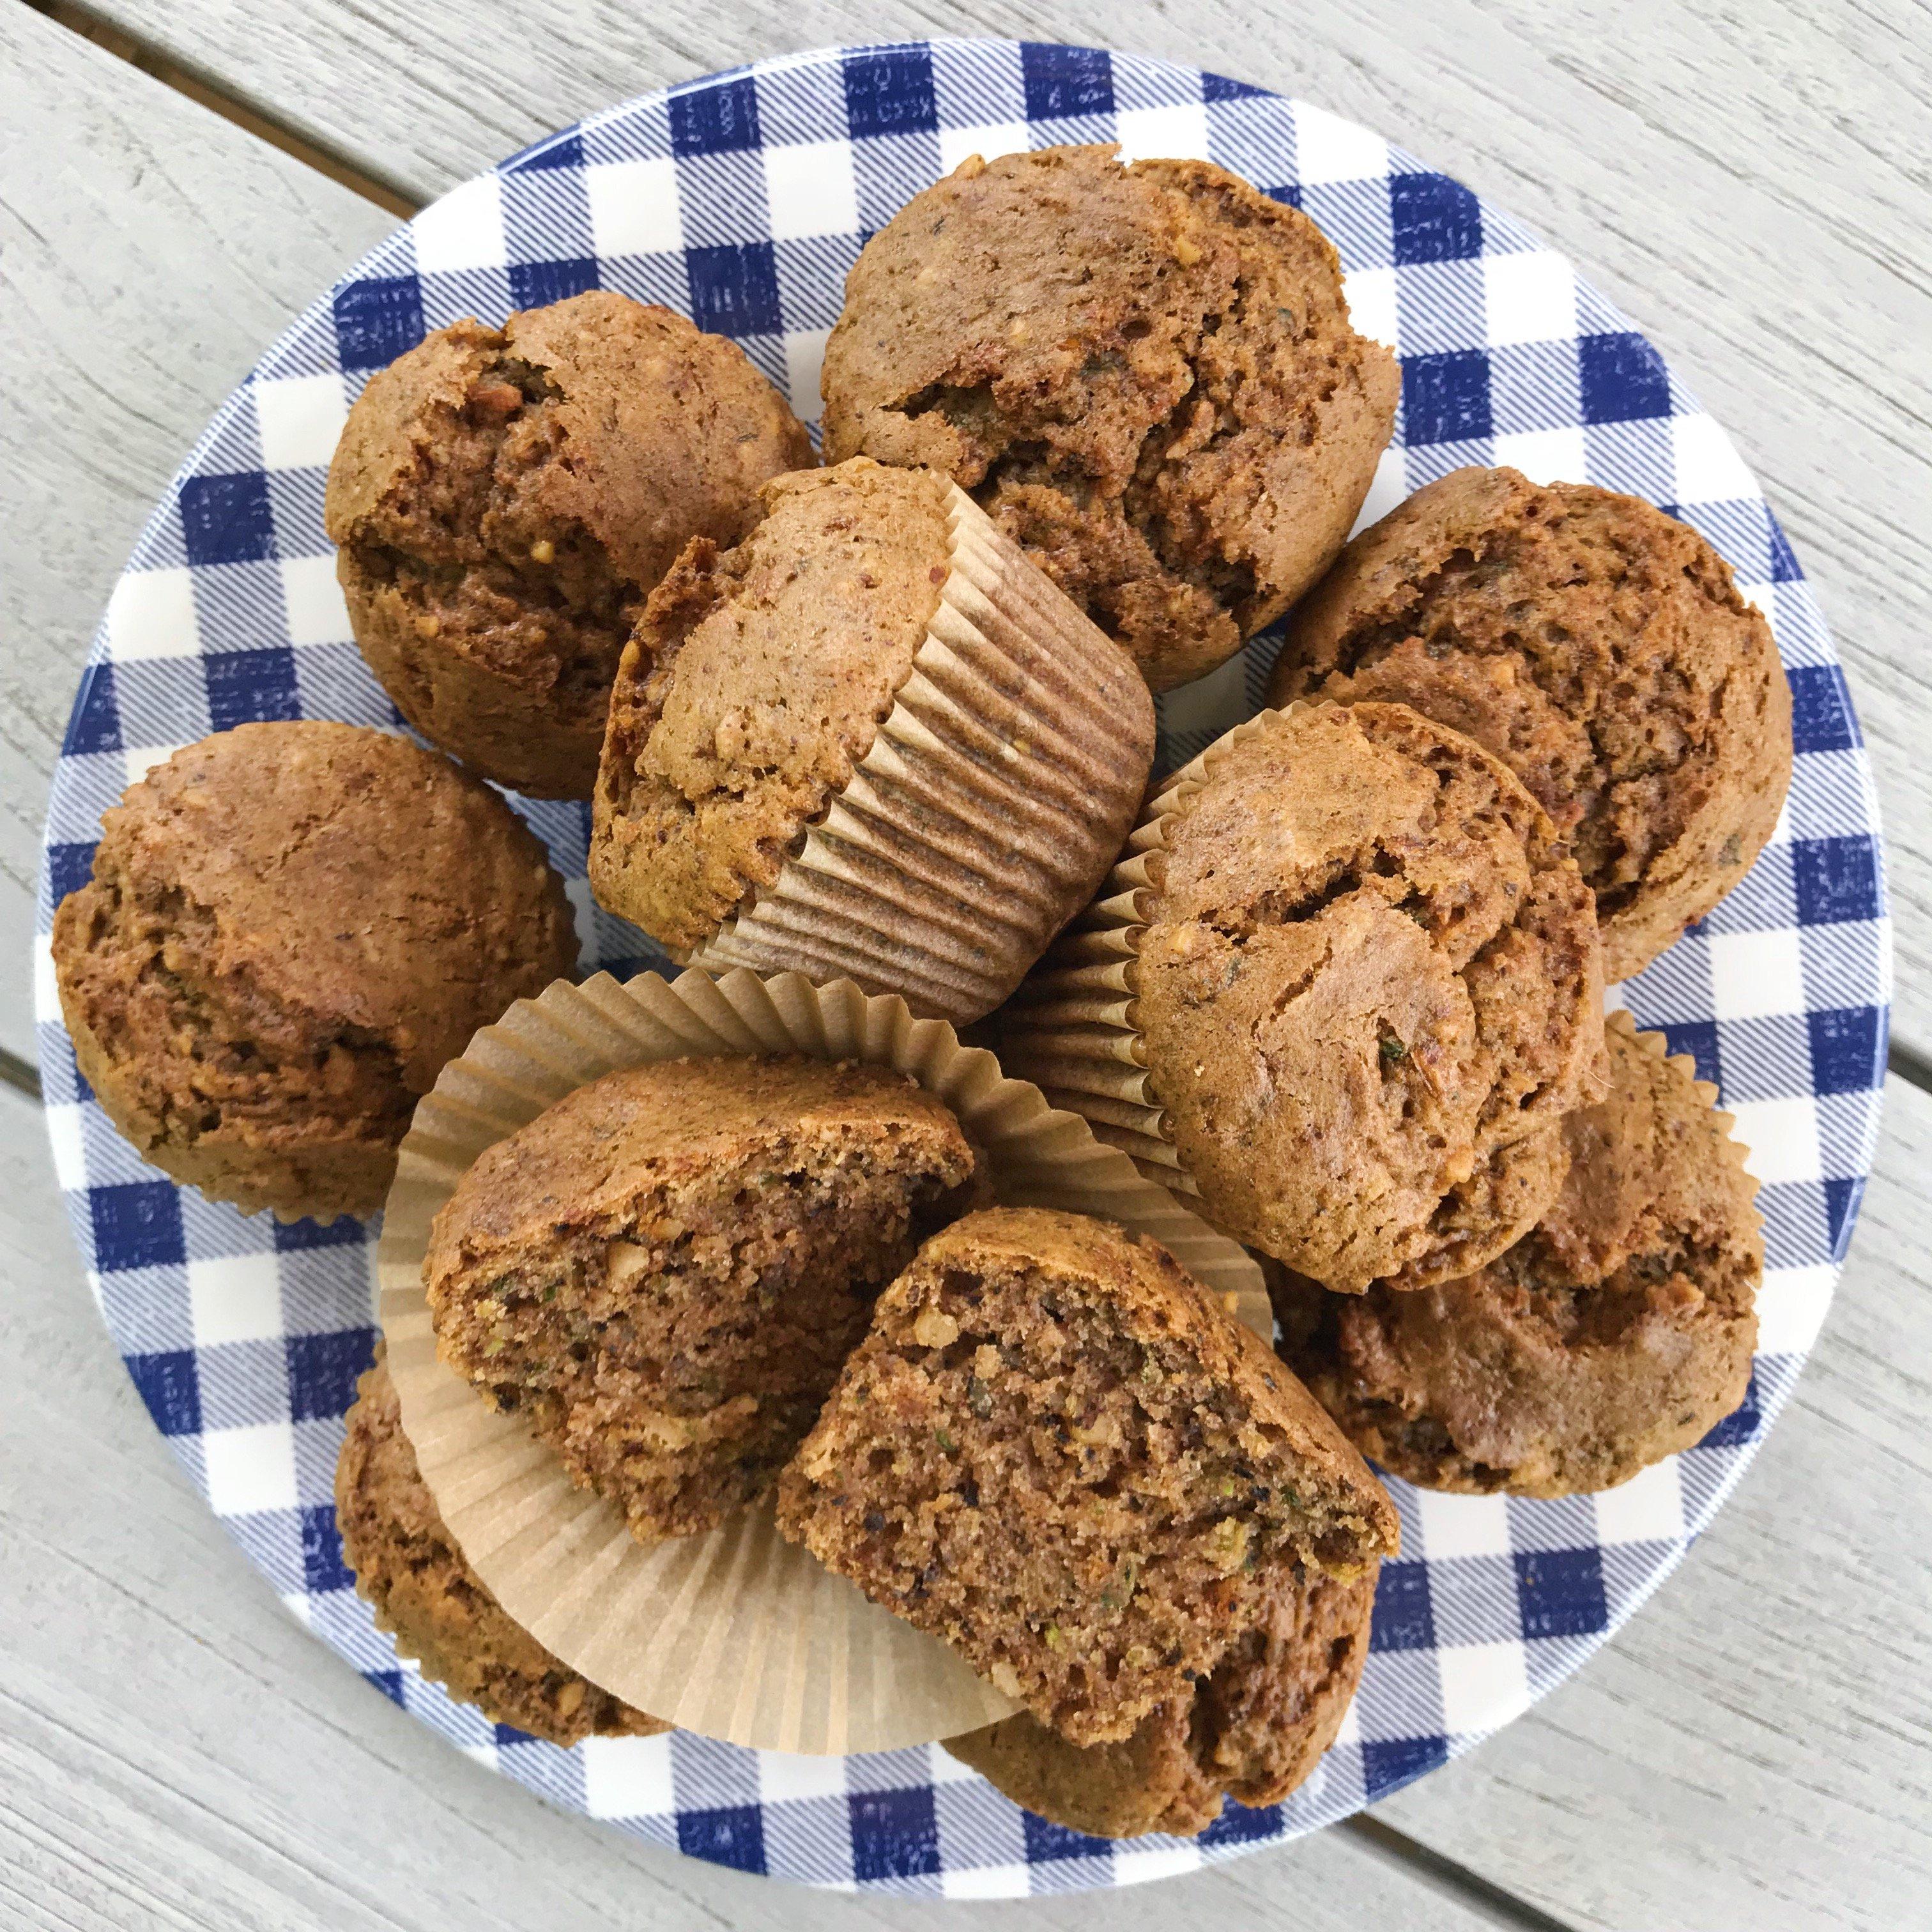 gluten-free zucchini muffins zucchini recipes, #glutenfree #glutenfreerecipes healthygffamily.com